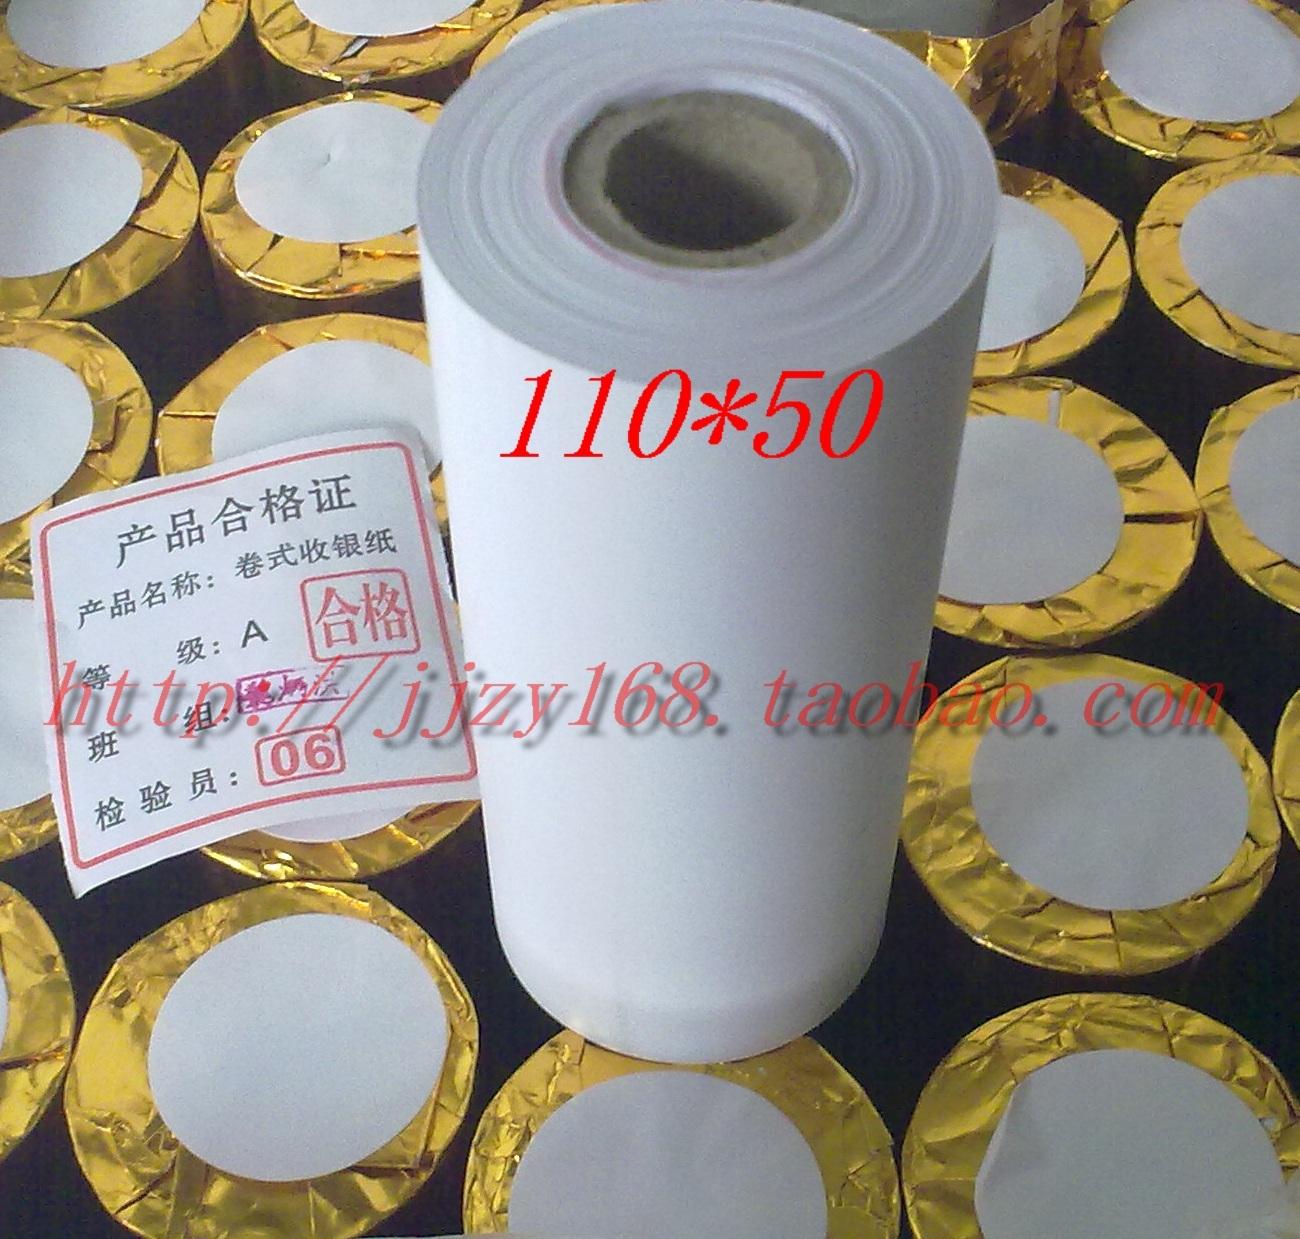 Терморолик для кассовых аппаратов Other paper products brand  110*50 110x50